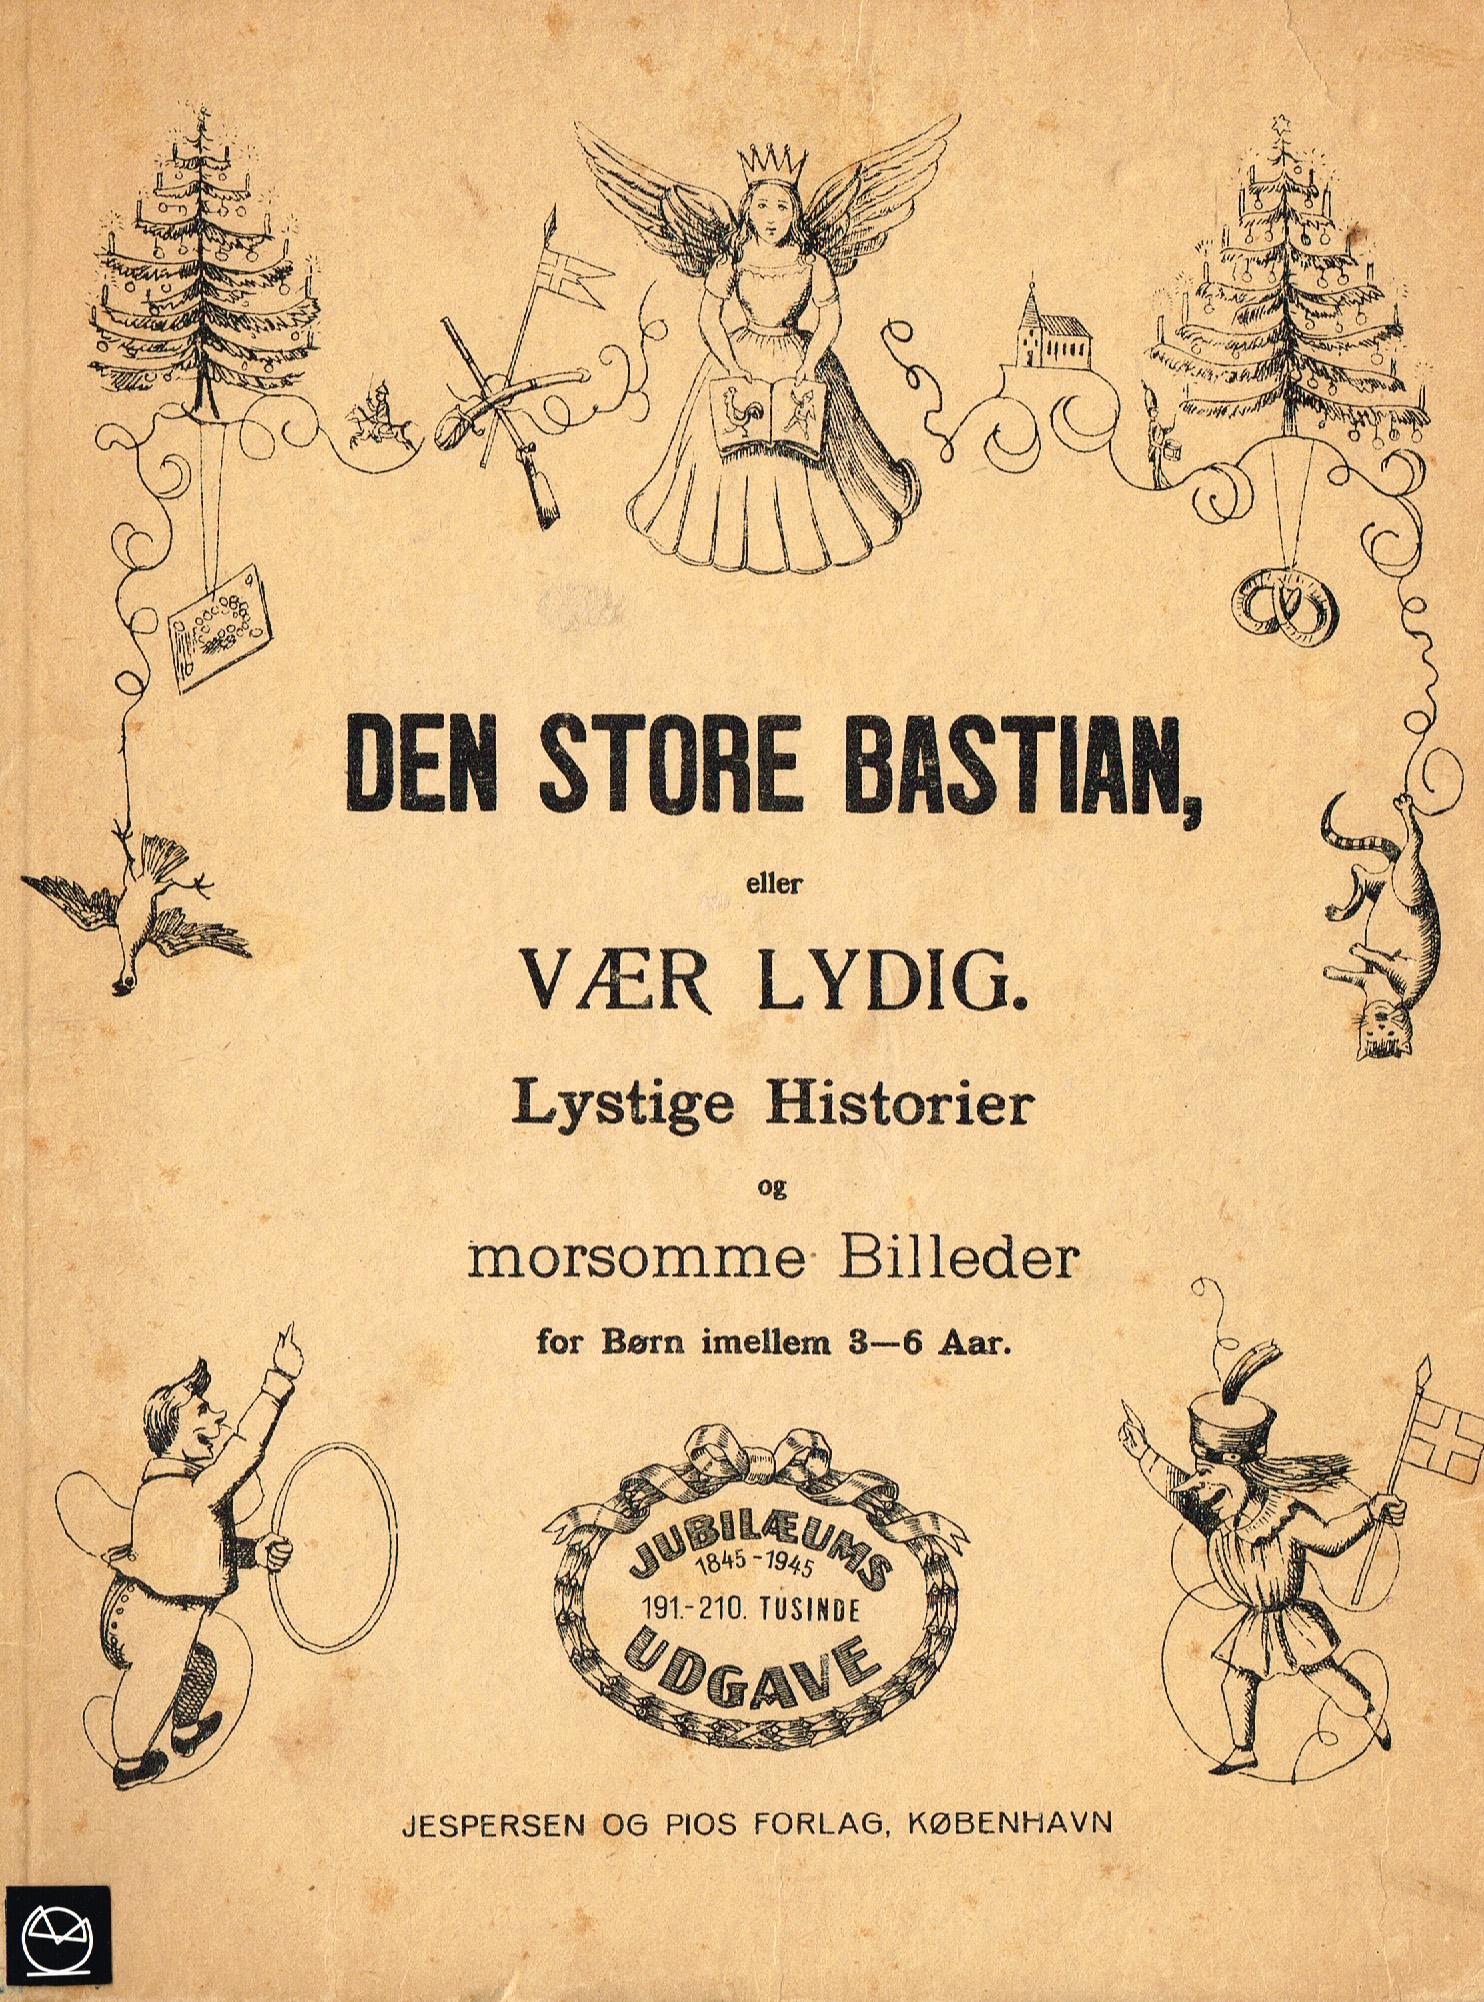 Den store Bastian 2